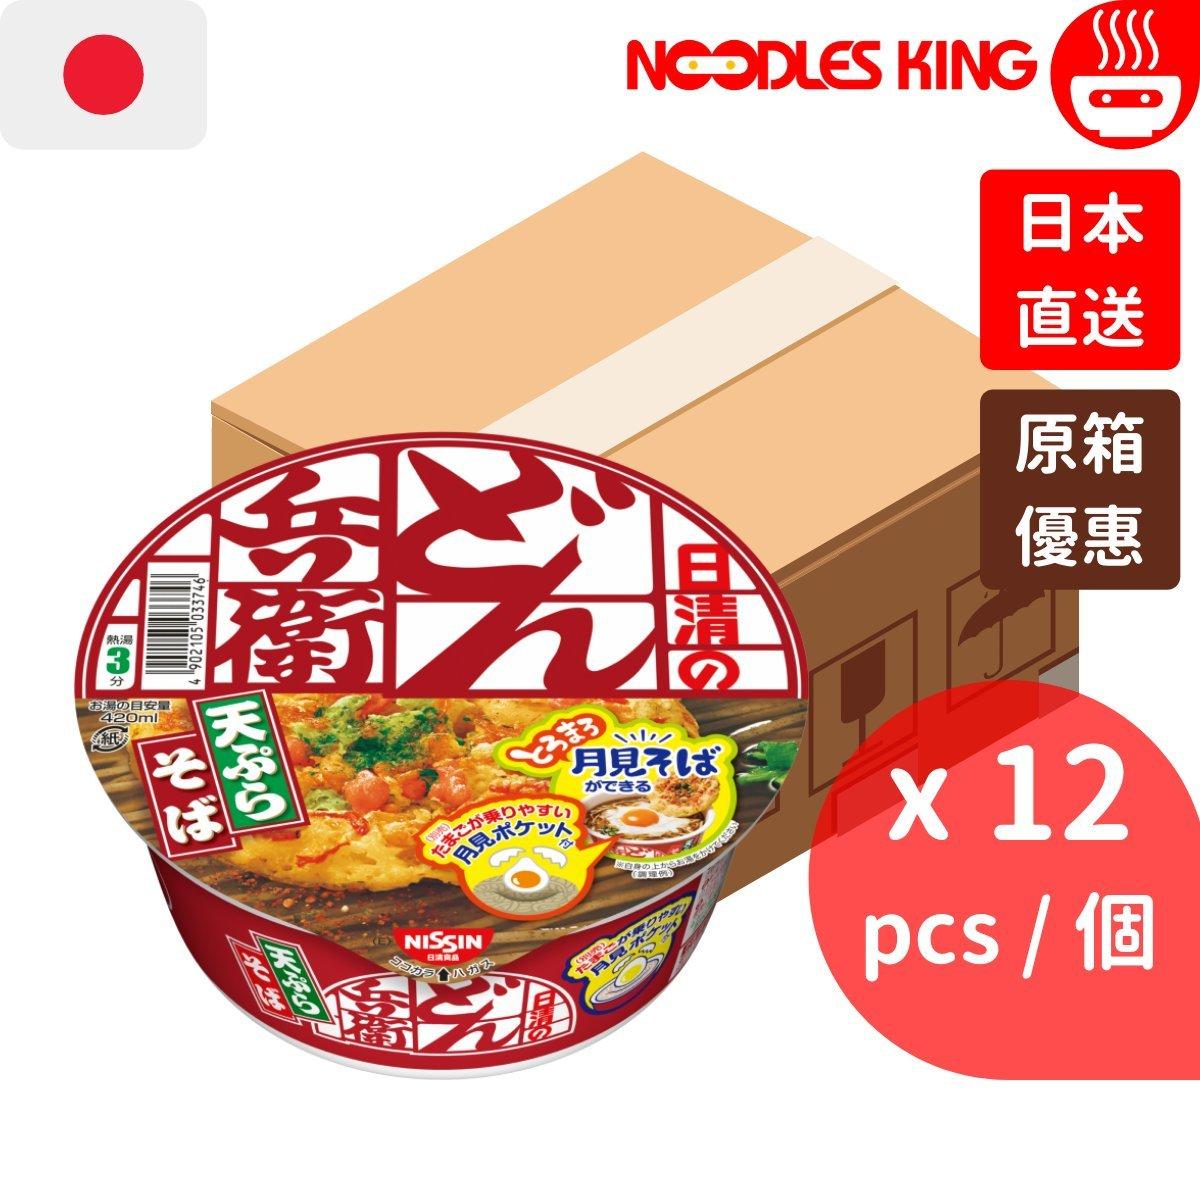 [原箱] 日本咚兵衛蕎麥麵 - 天婦羅 (西日本) 100g x 12